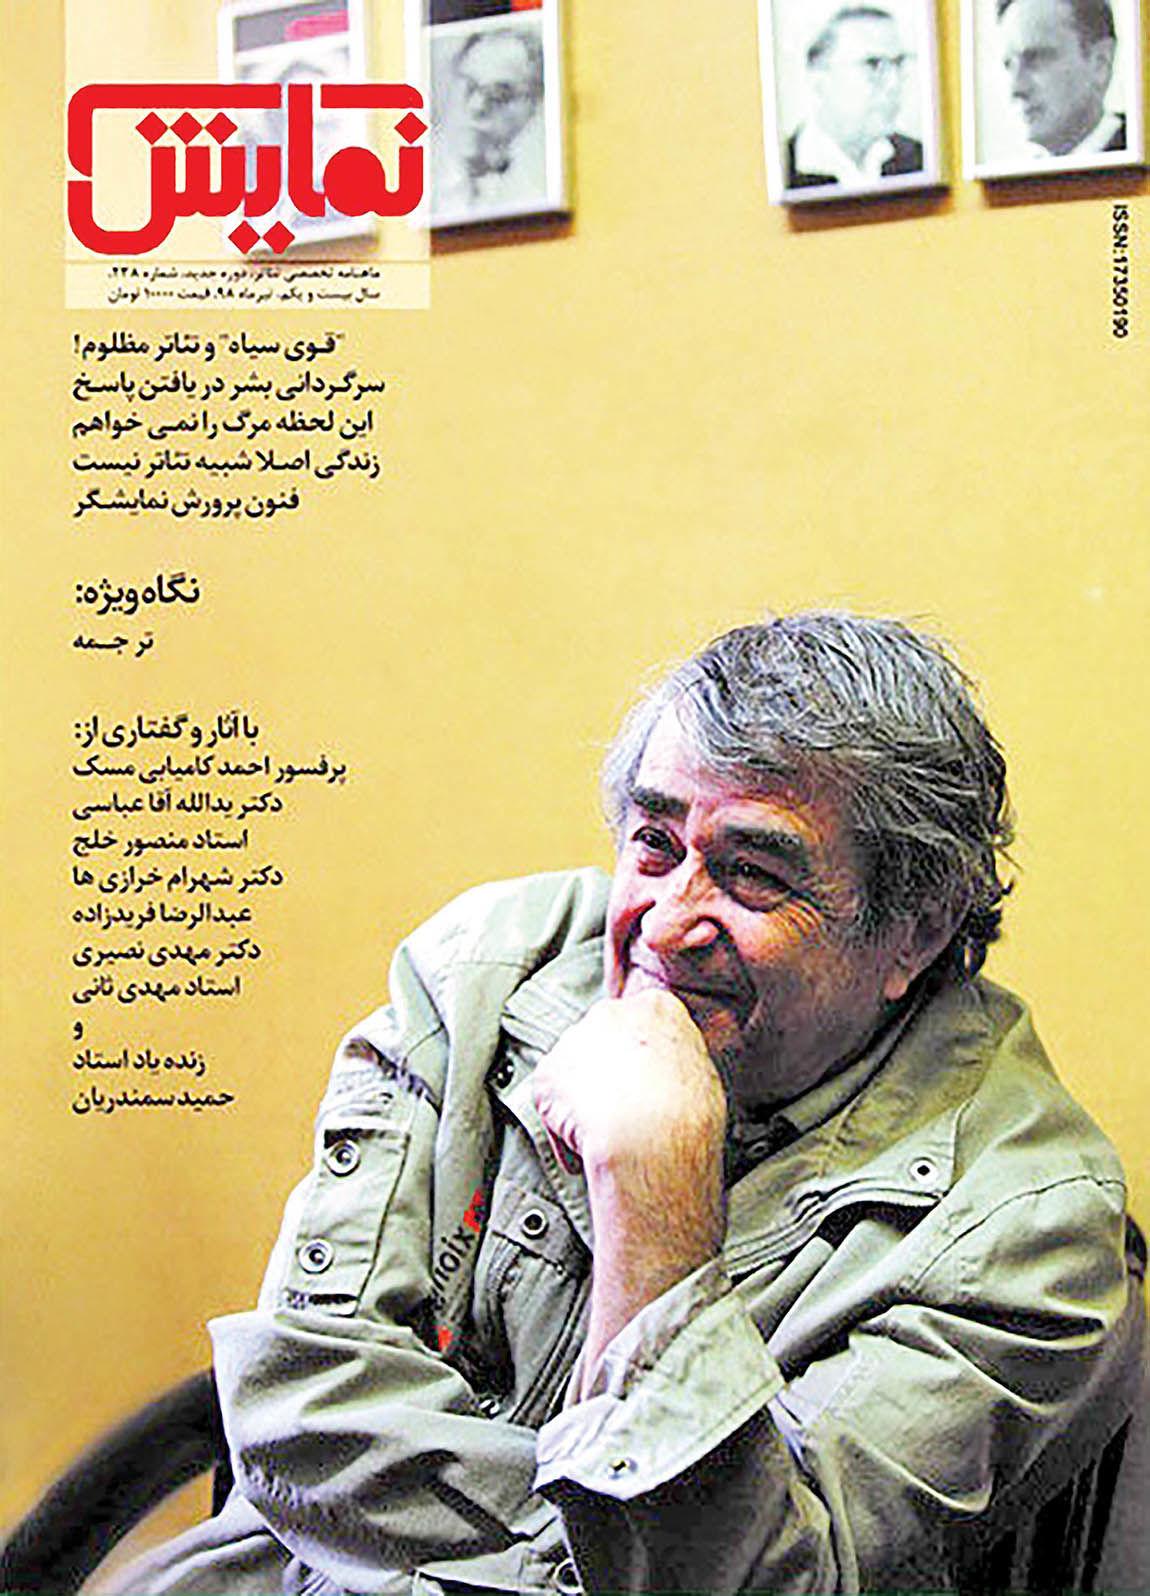 تصویر حمید سمندریان بر جلد ماهنامه نمایش